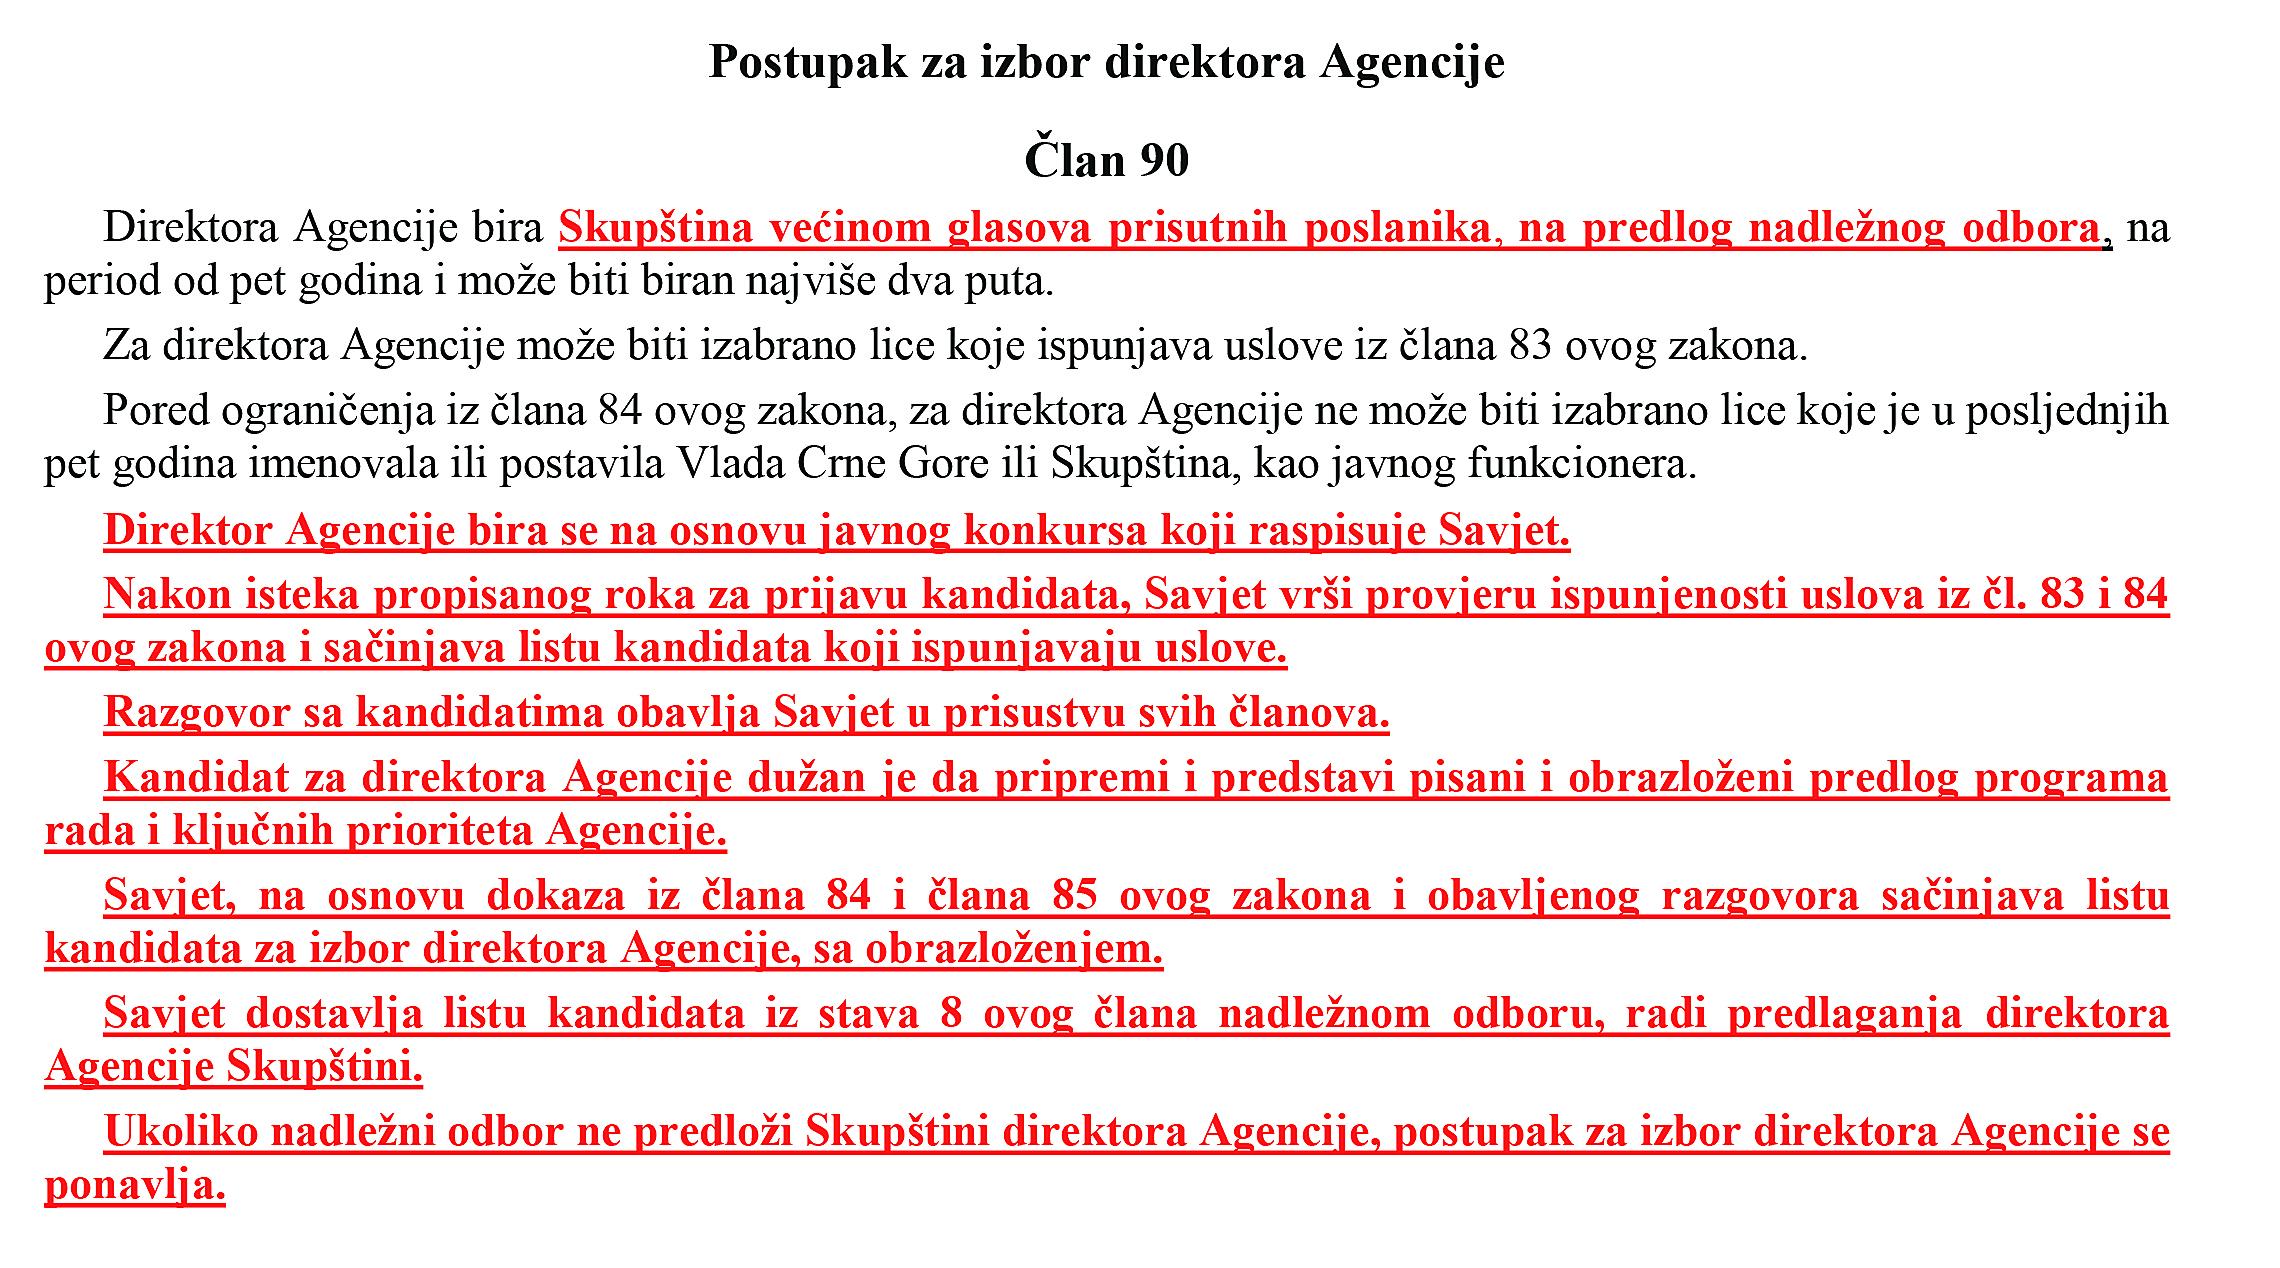 Postupak za izbor direktora Agencije